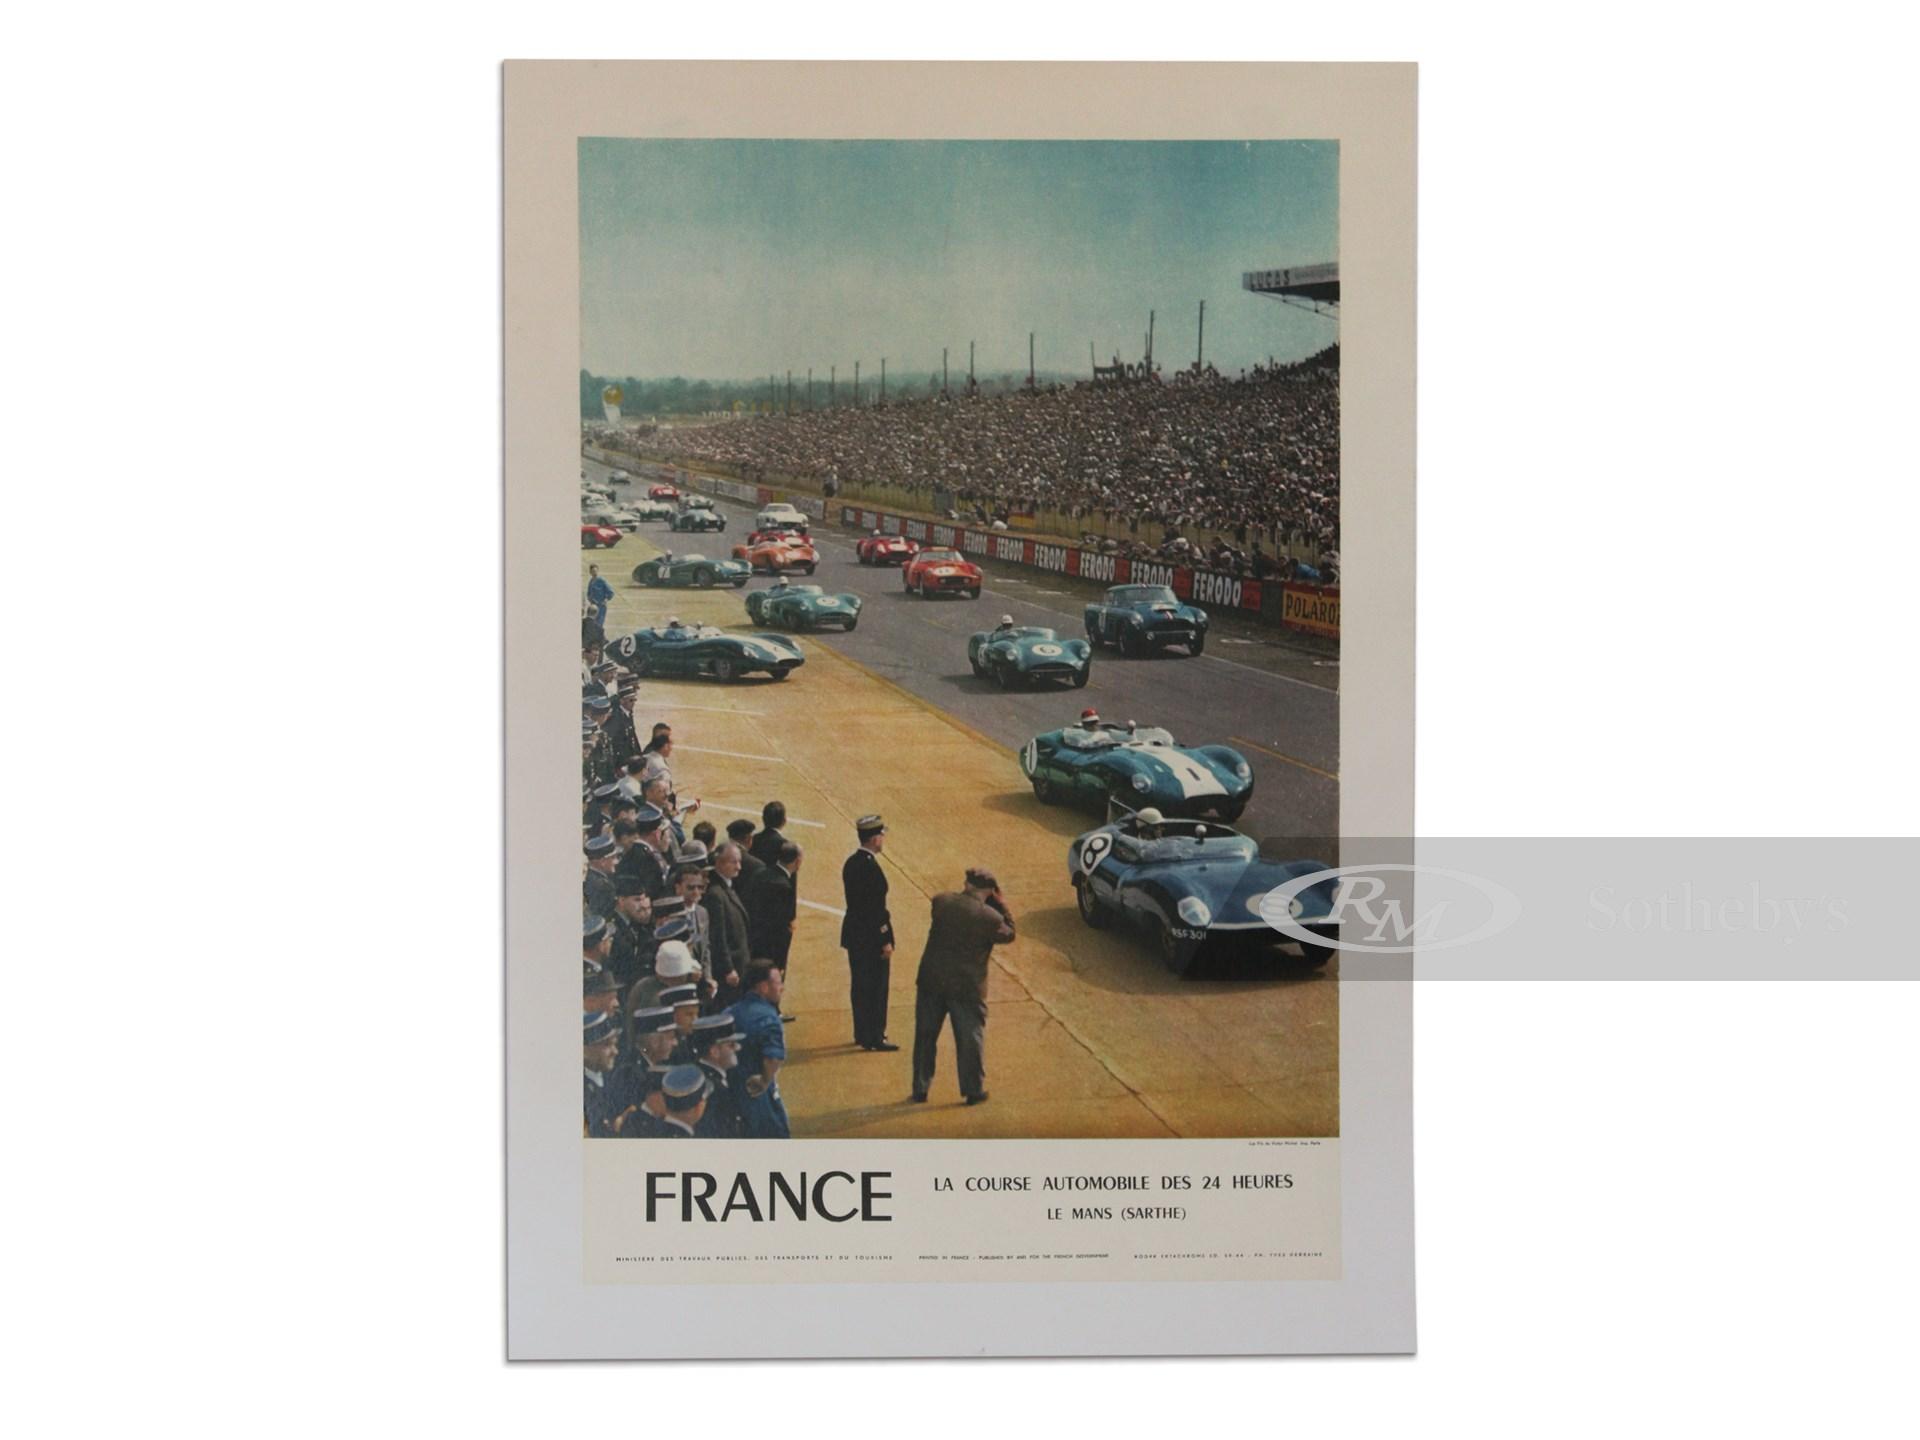 """""""France La Course Automobile des 24 Heures Le Mans (Sarthe)"""" Vintage French Government Event Poster, 1967 -"""